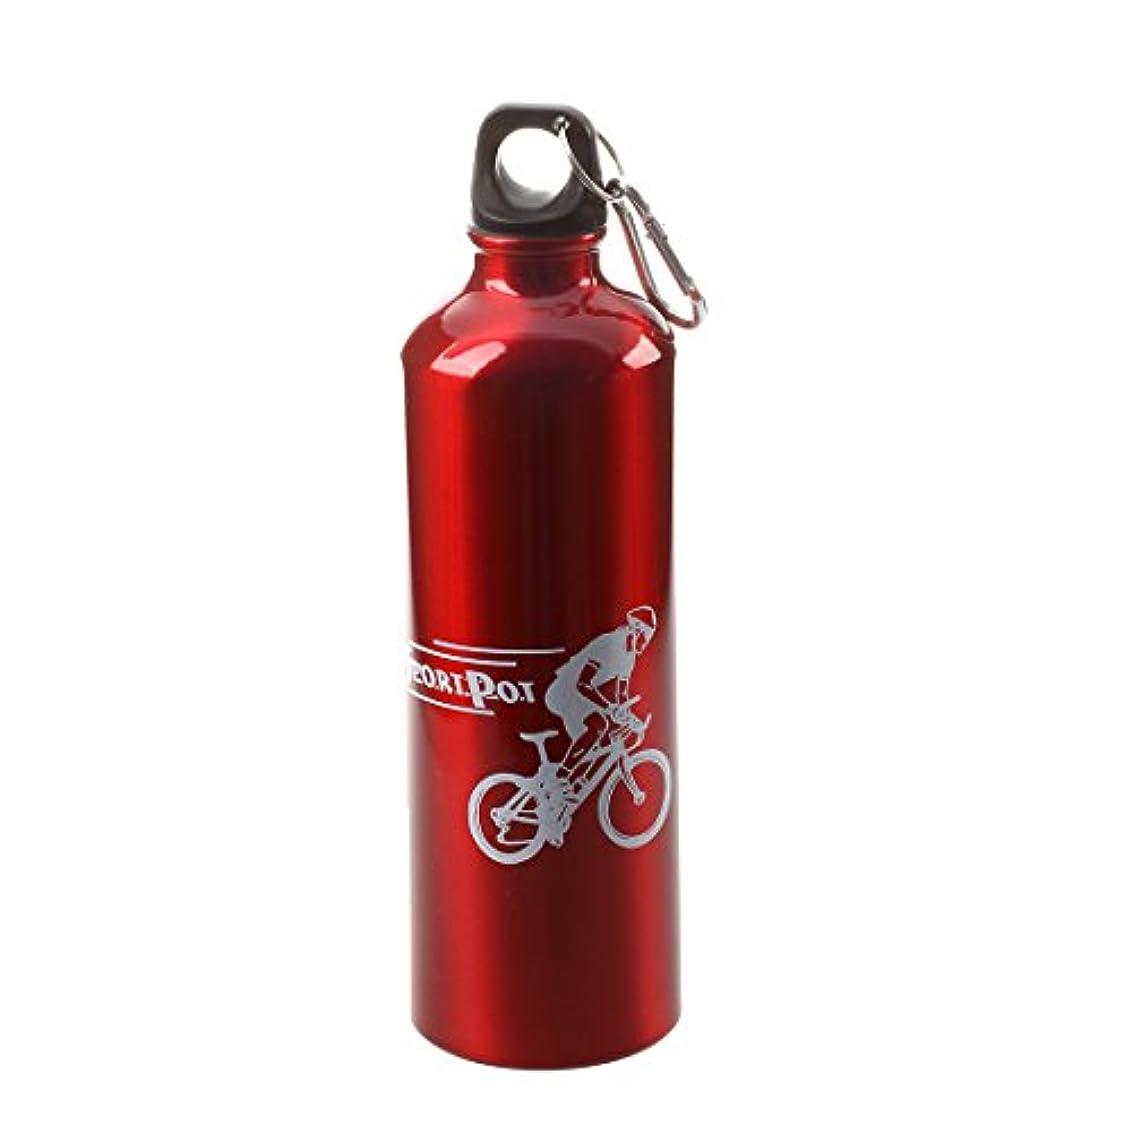 ピニオンバブルヒギンズRETYLY 水筒ウォーターボトルスポーツサイクリングキャンプレッドアルミ